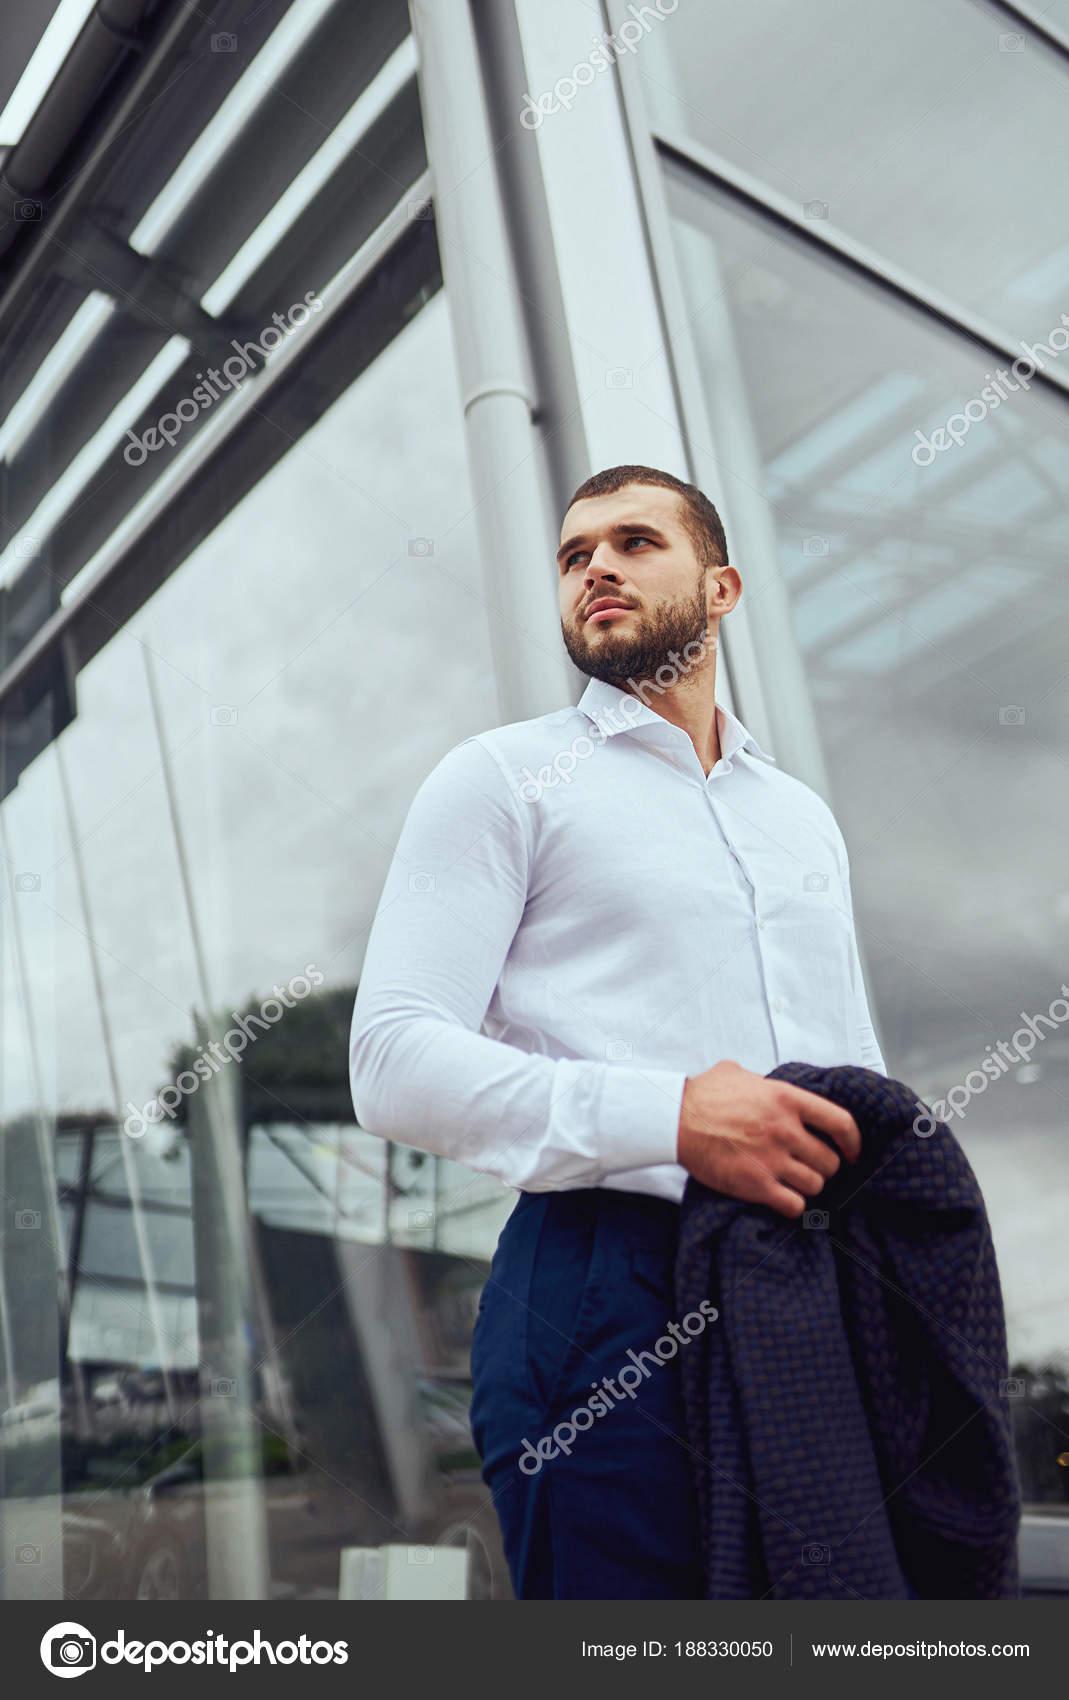 Ritratto di un ragazzo alla moda 93326c91ee7a